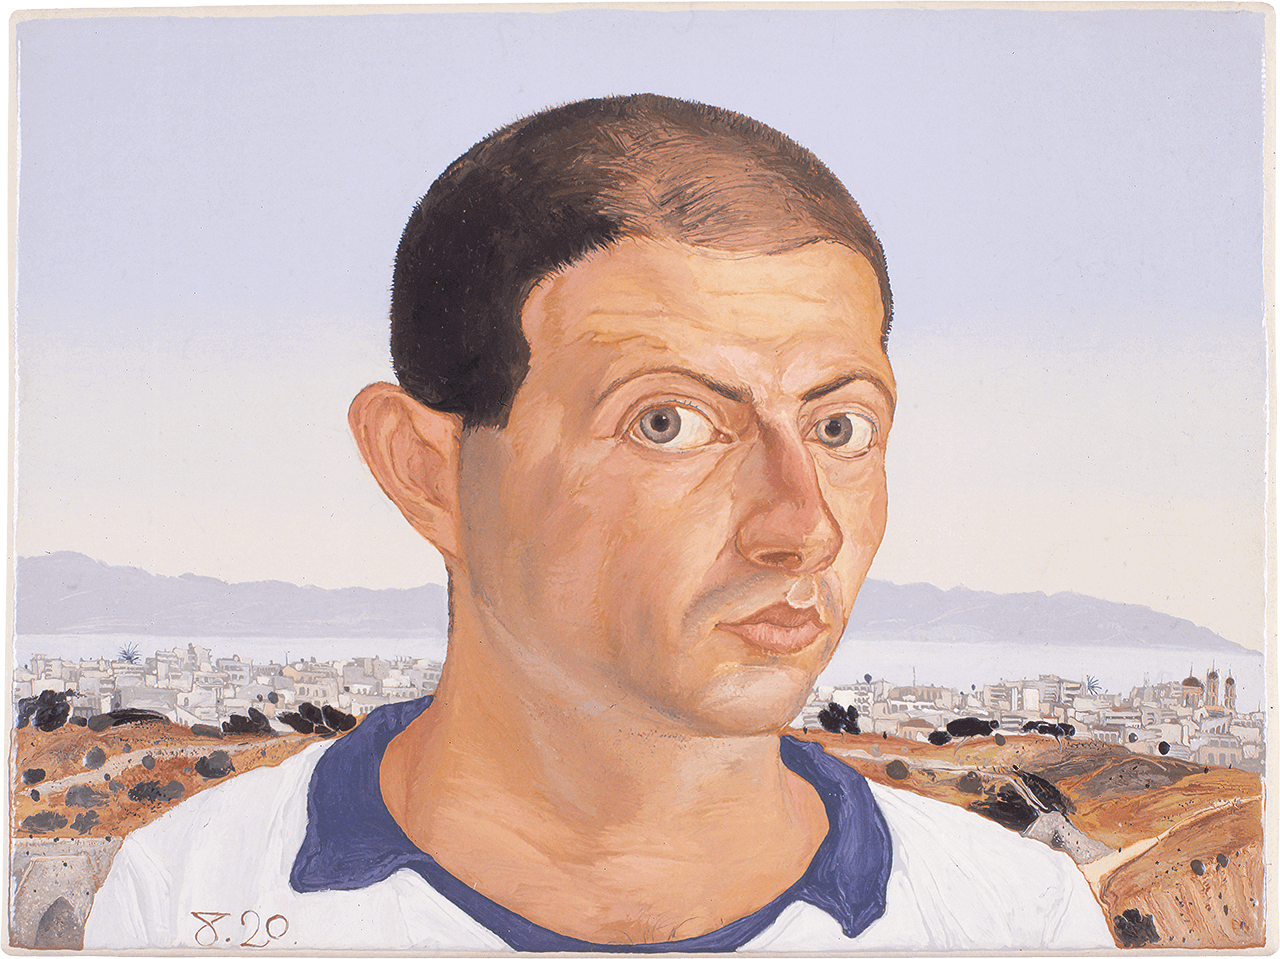 Πορτραίτο στο Ηράκλειο, 2000, λάδι σε καμβά, 18x24 εκ.